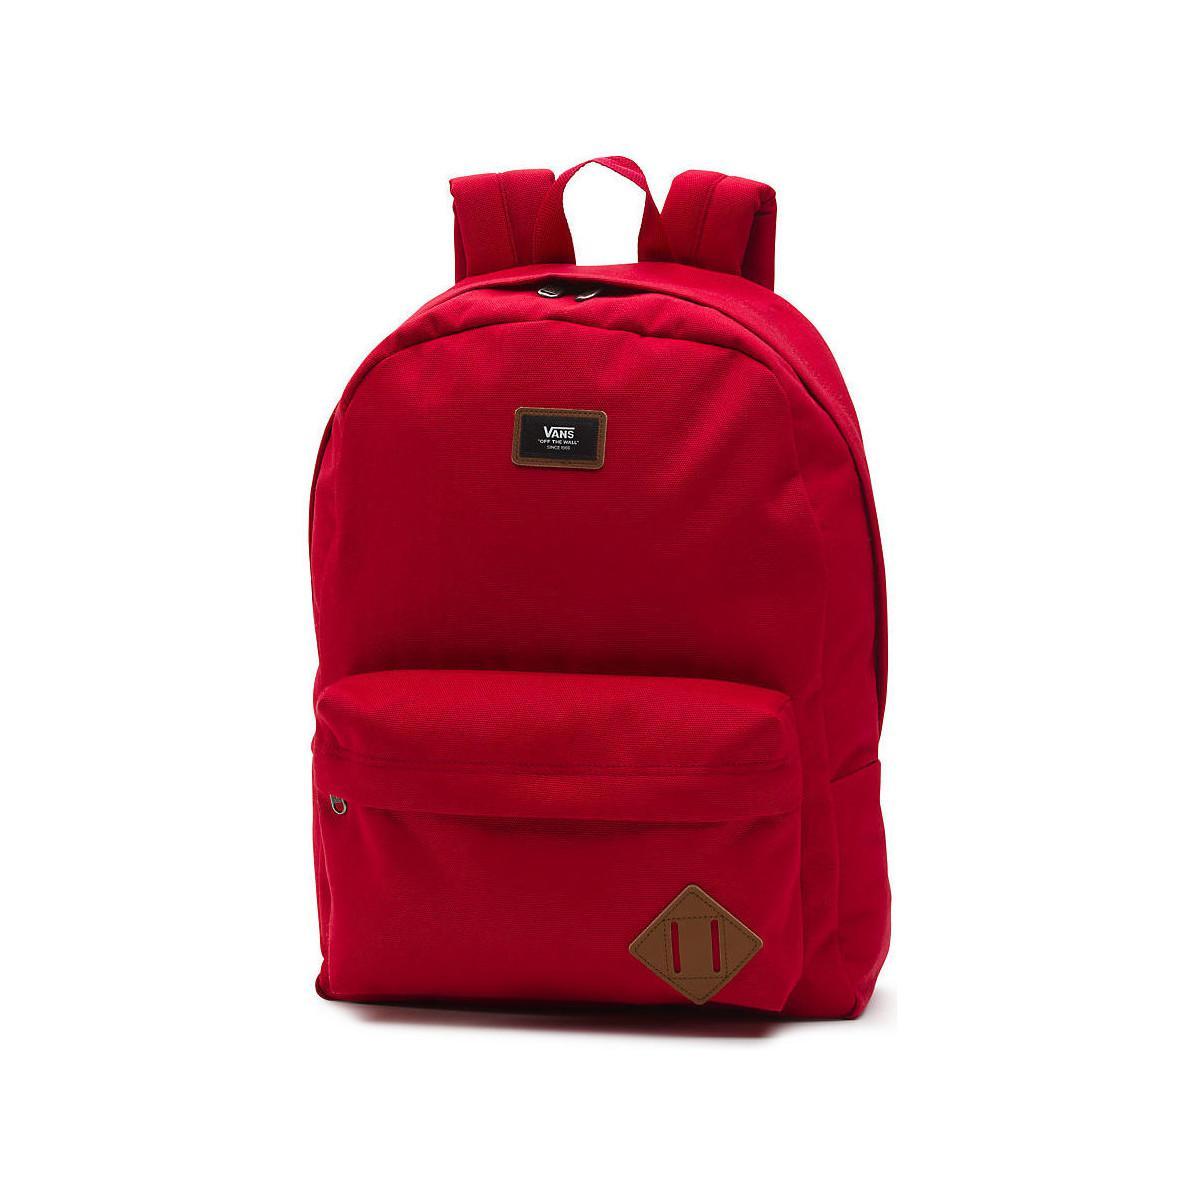 Vans Mochila Old Skool Schuhe Women's Backpack In Red in Red - Lyst